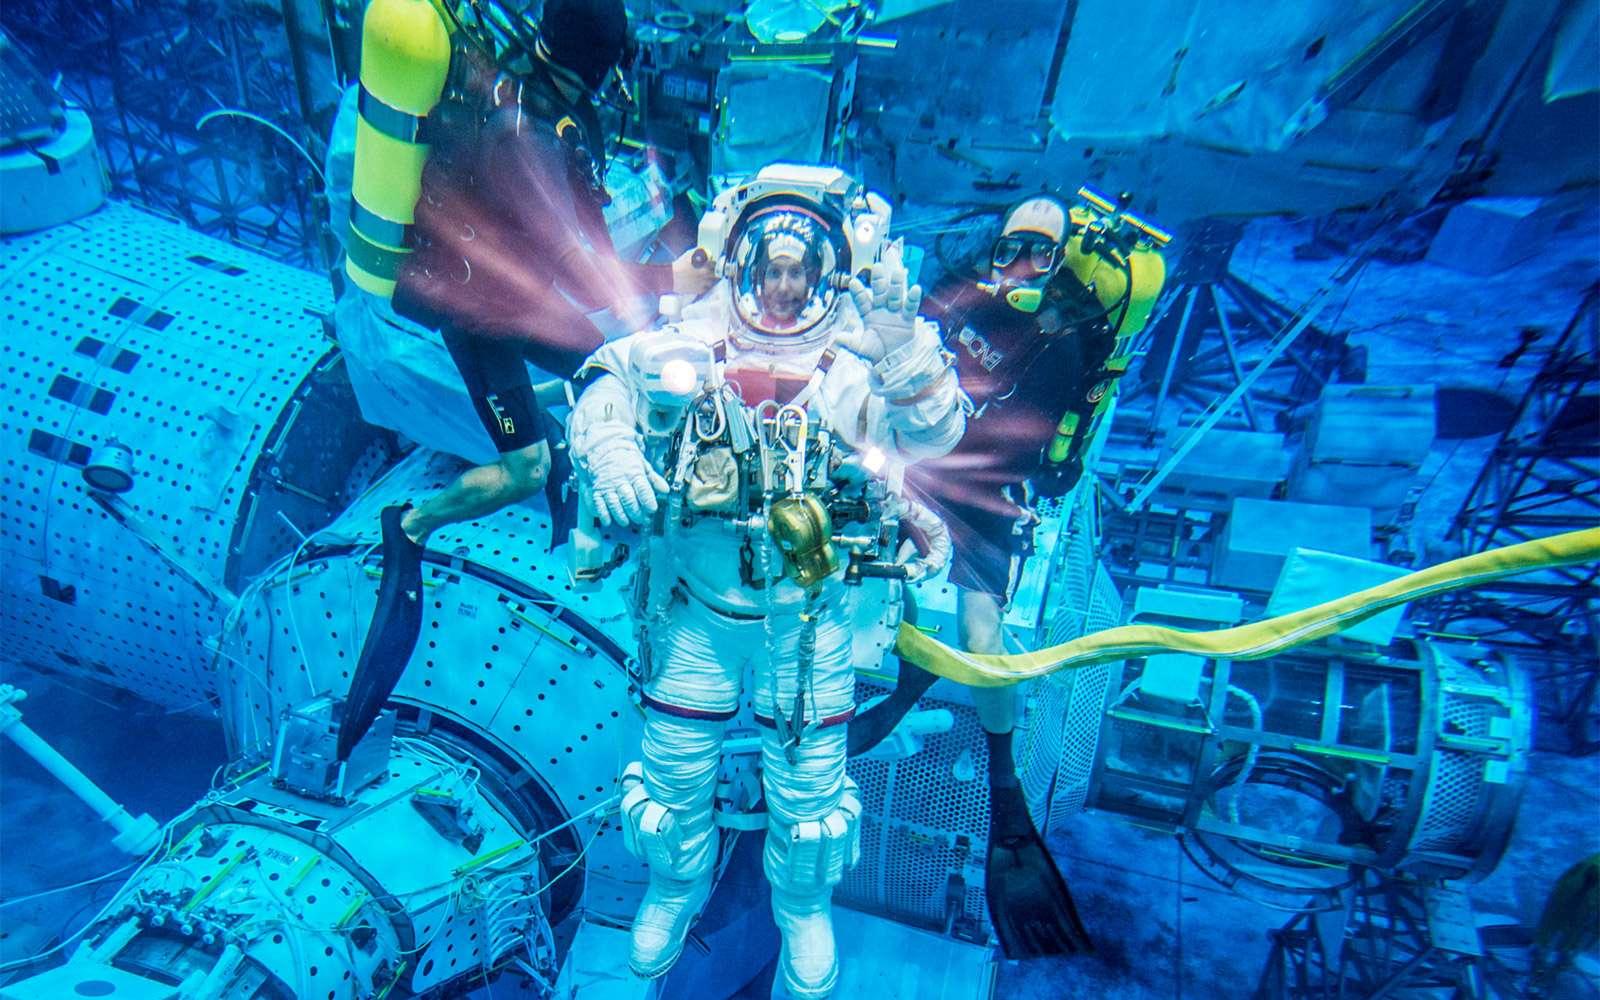 Sélectionné en mai 2009 avec cinq autres futurs astronautes, Thomas Pesquet sera le dixième astronaute français à voler dans l'espace. © Esa, Nasa, mars 2013